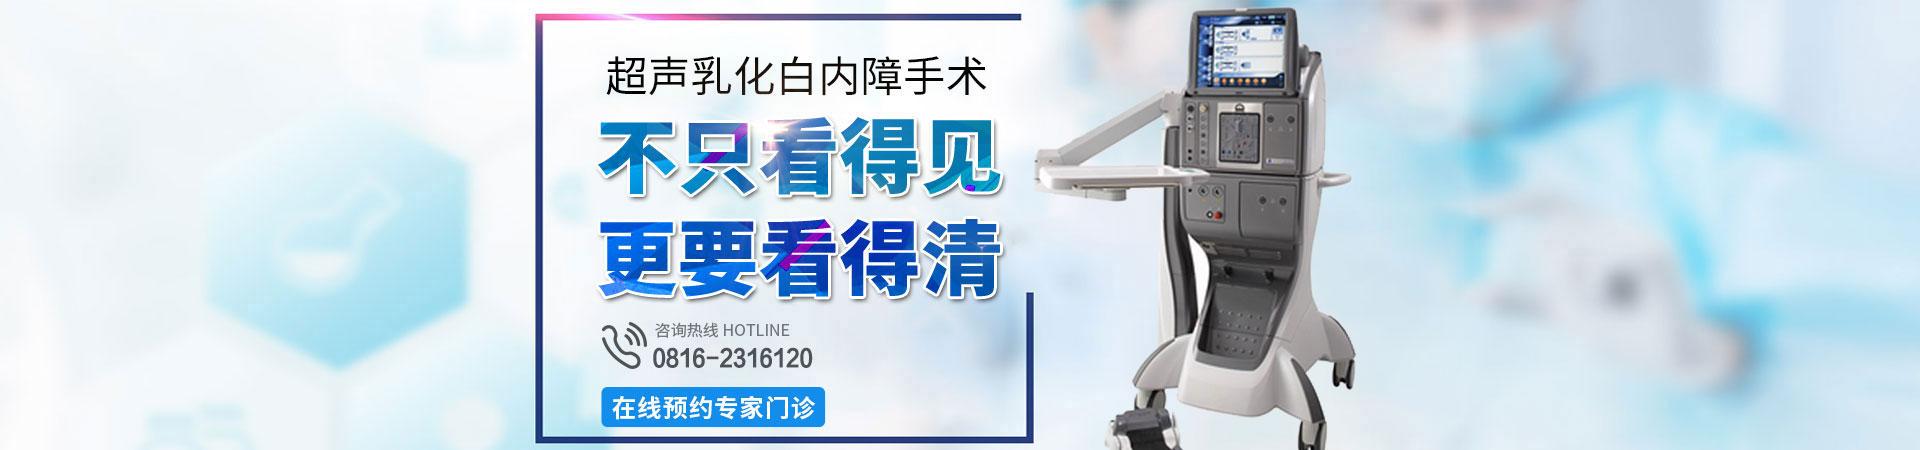 超声乳化白内障手术